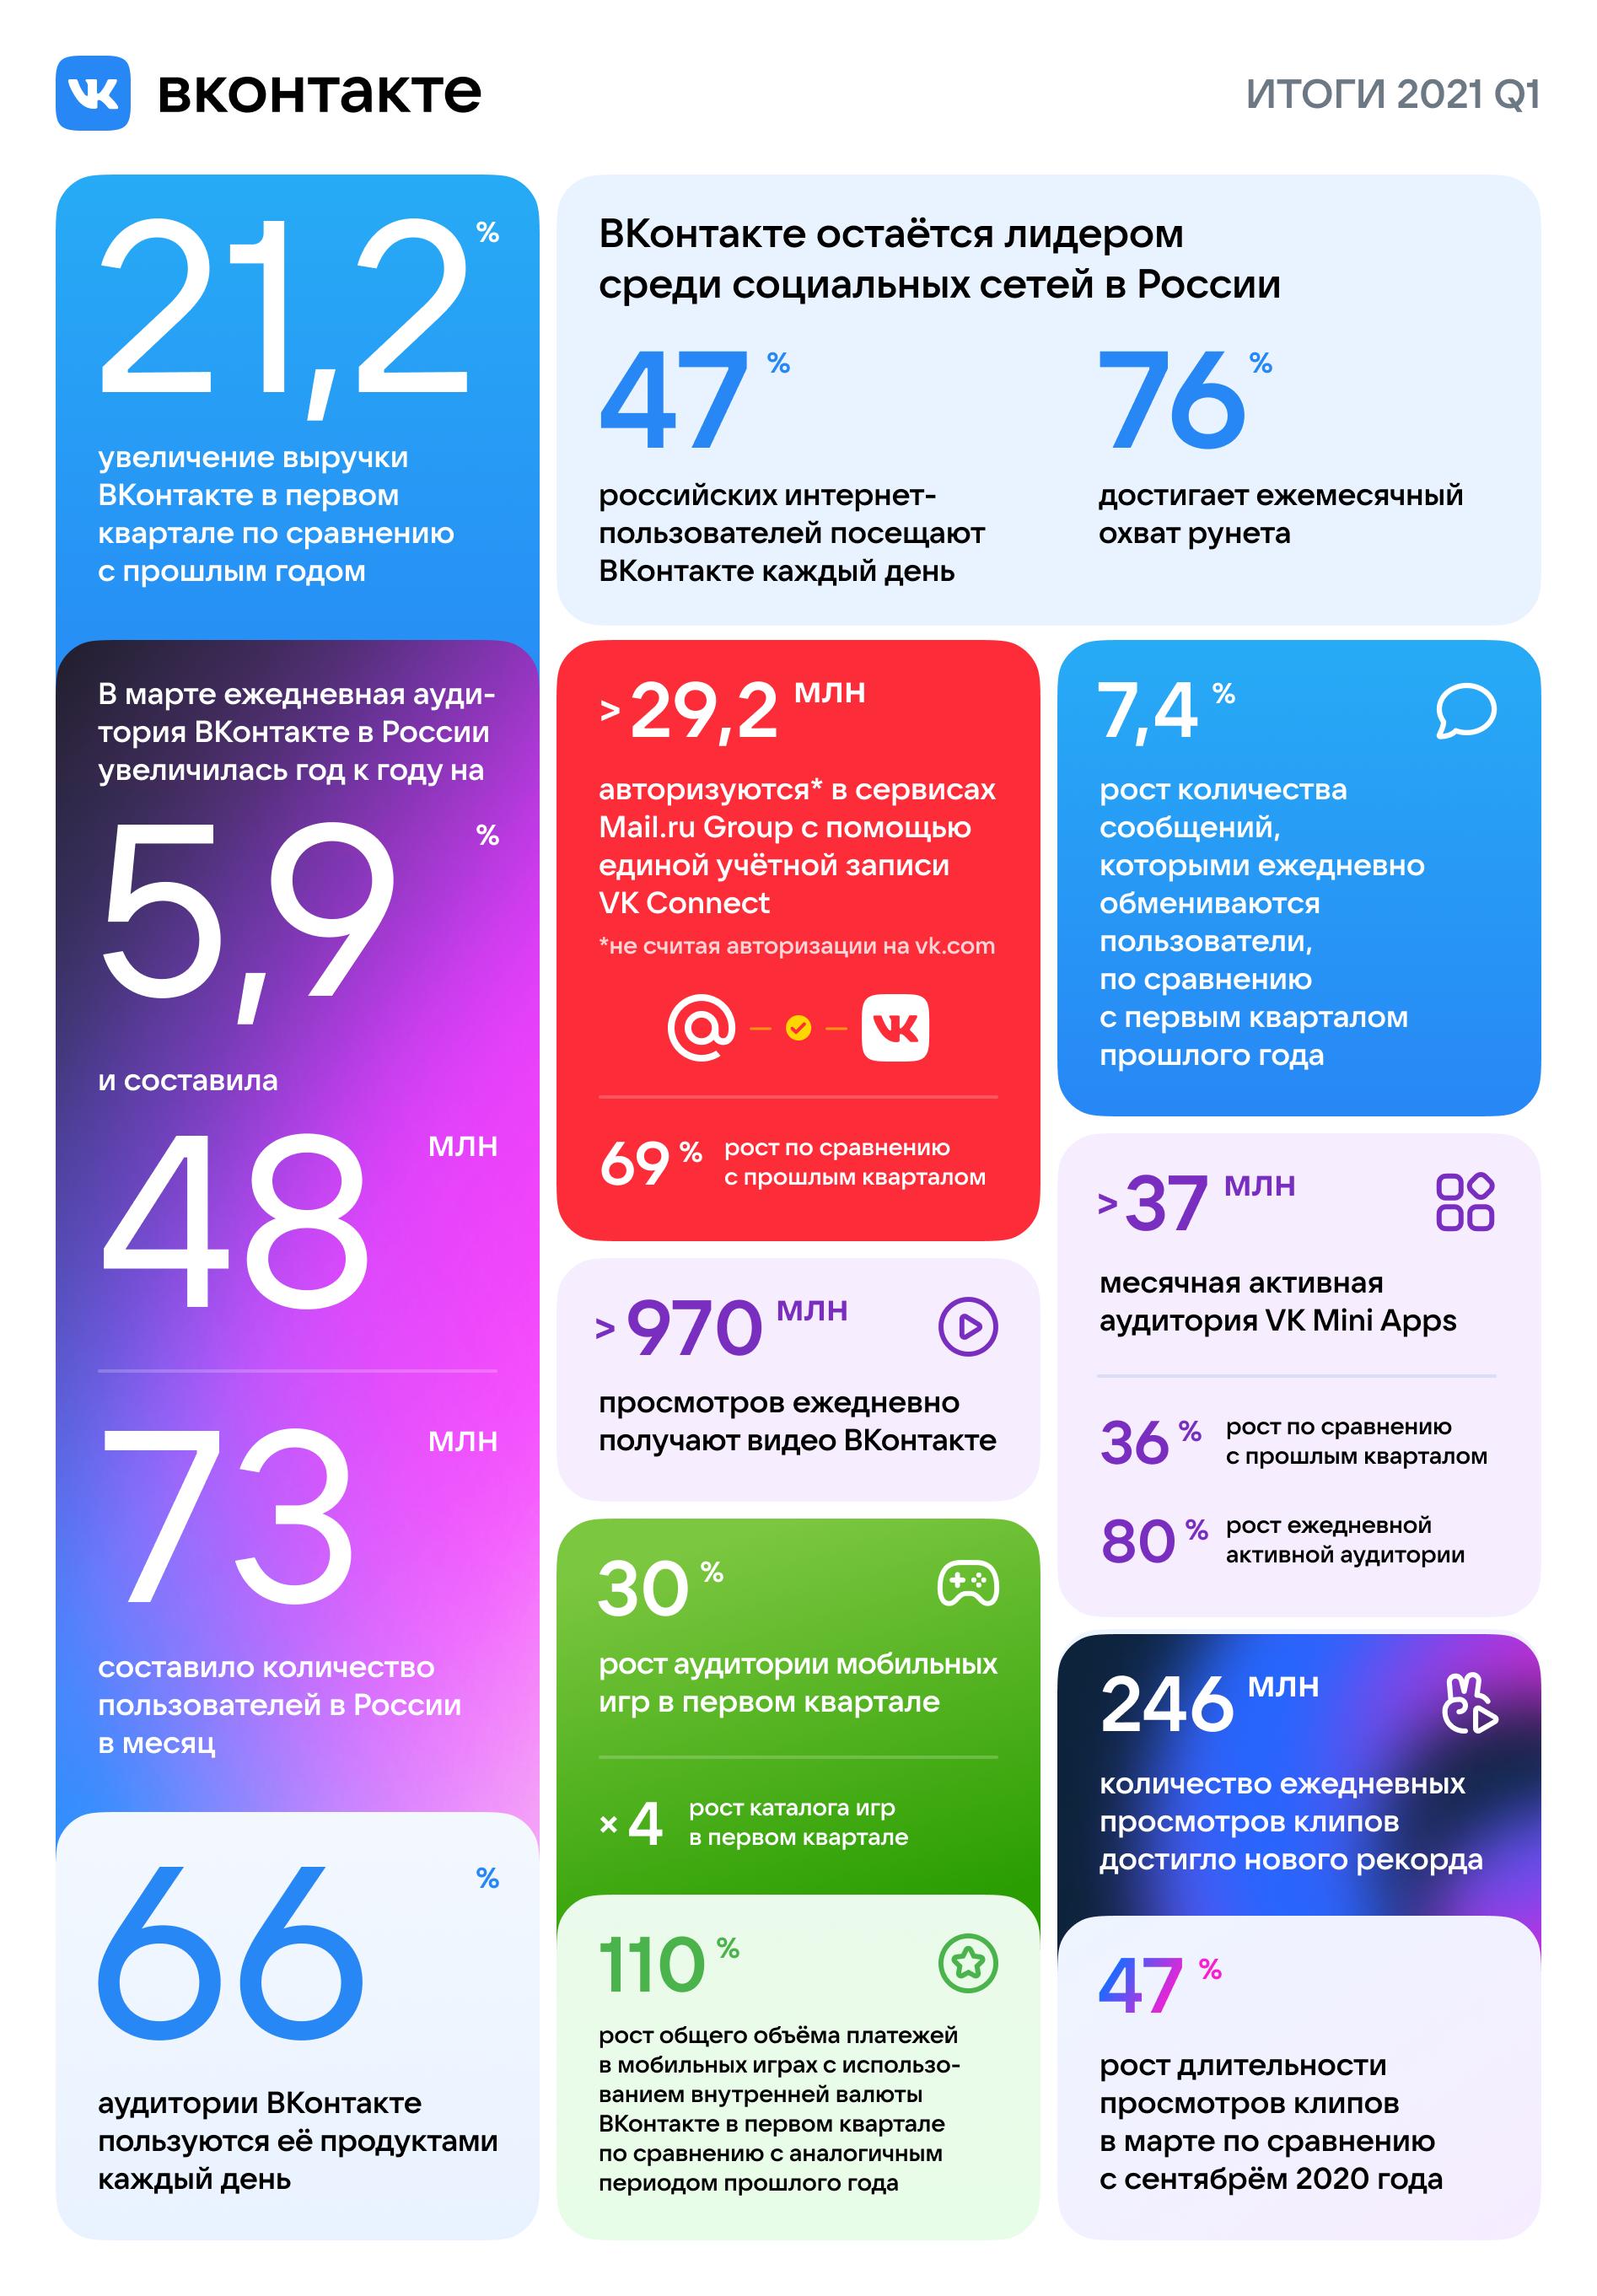 В I квартале 2021 года выручка ВКонтакте выросла на 21%, а аудитория – на 6%